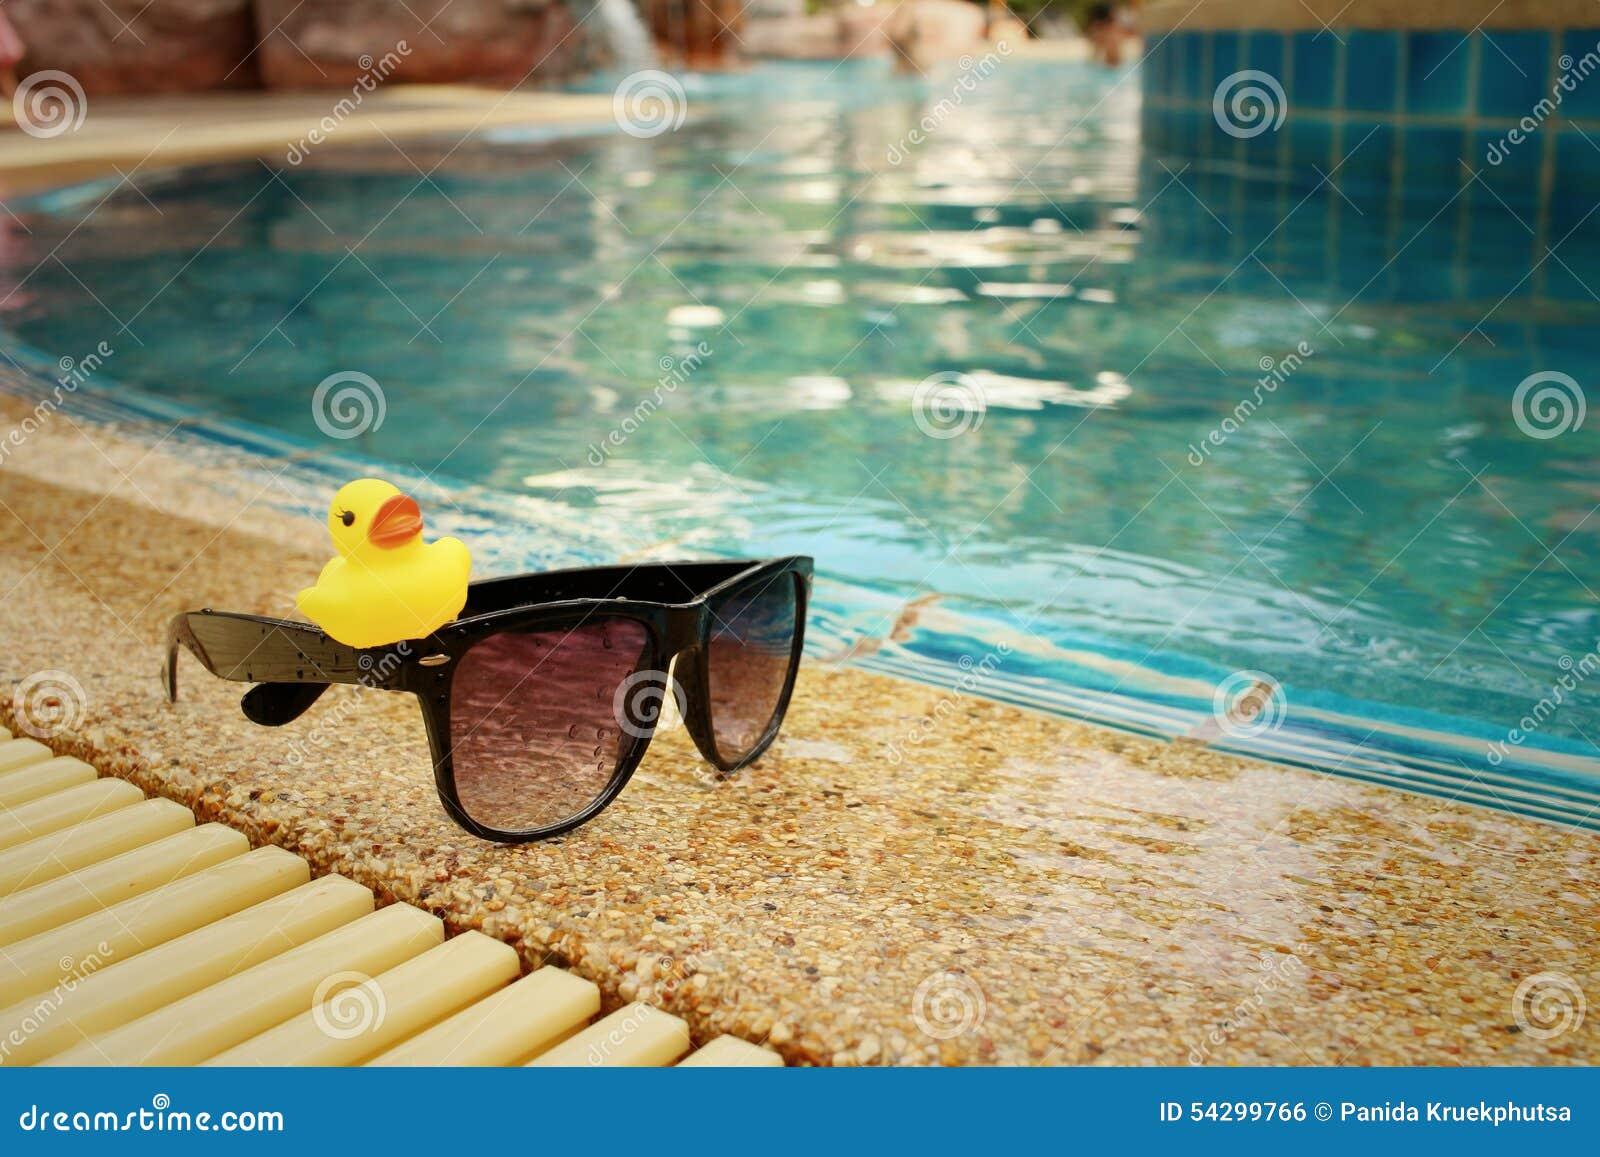 lunettes de soleil avec le canard en caoutchouc jaune la piscine photo stock image du. Black Bedroom Furniture Sets. Home Design Ideas